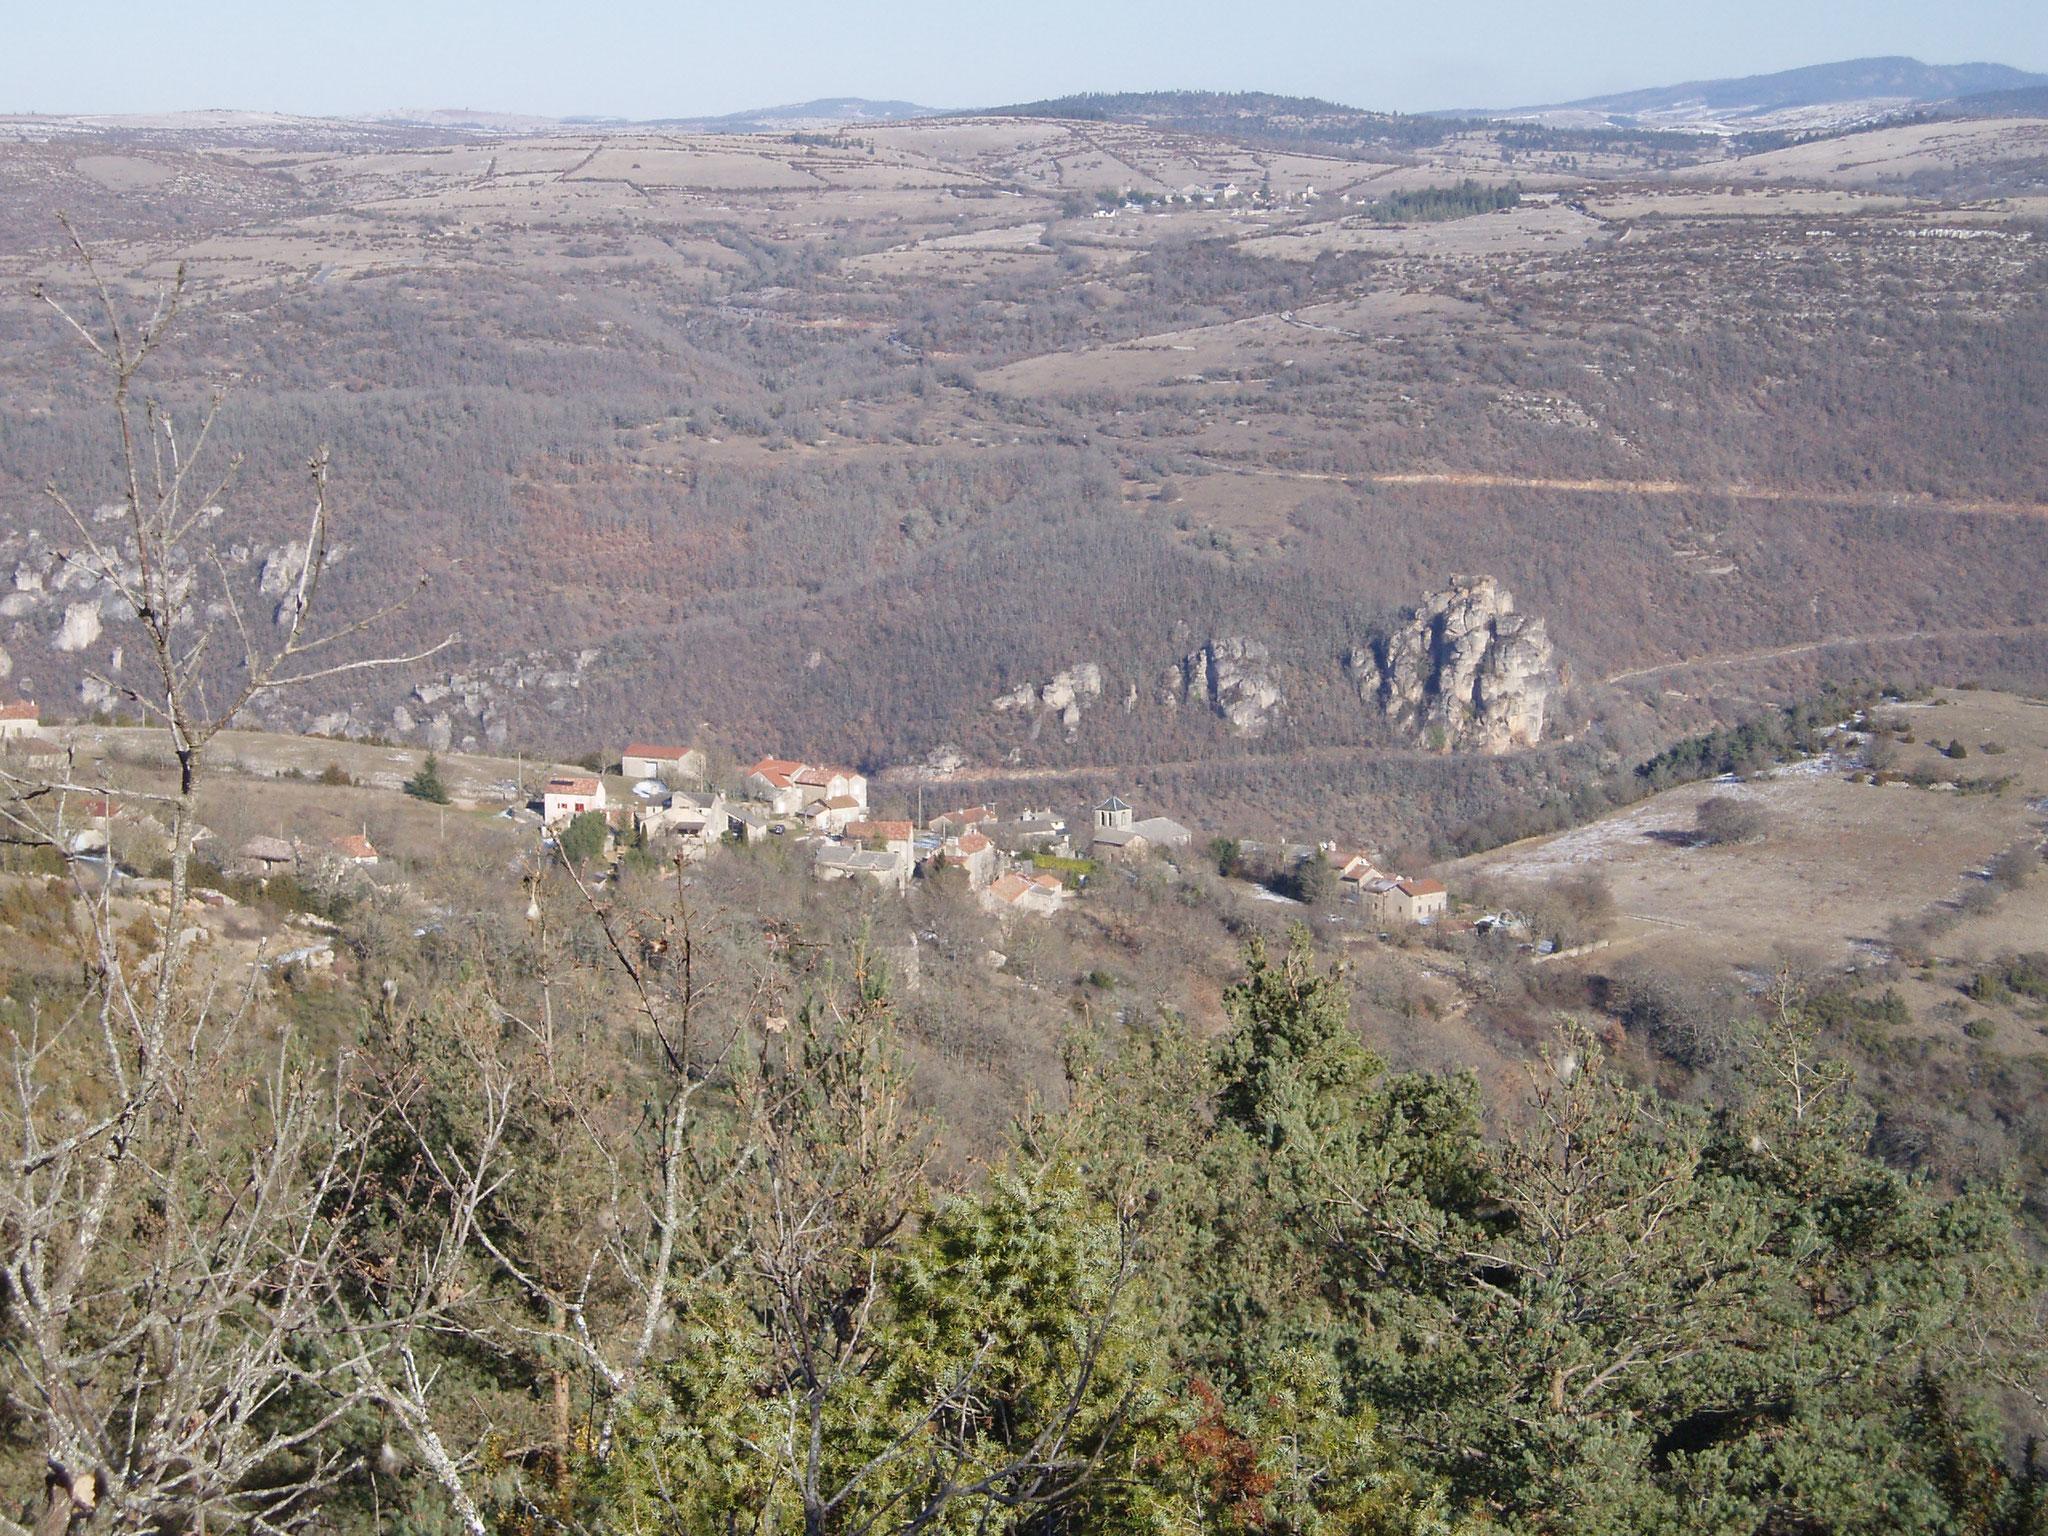 Vue sur la vallée de la Dourbie au fond  vers le Causse Noir et l' Aigoual